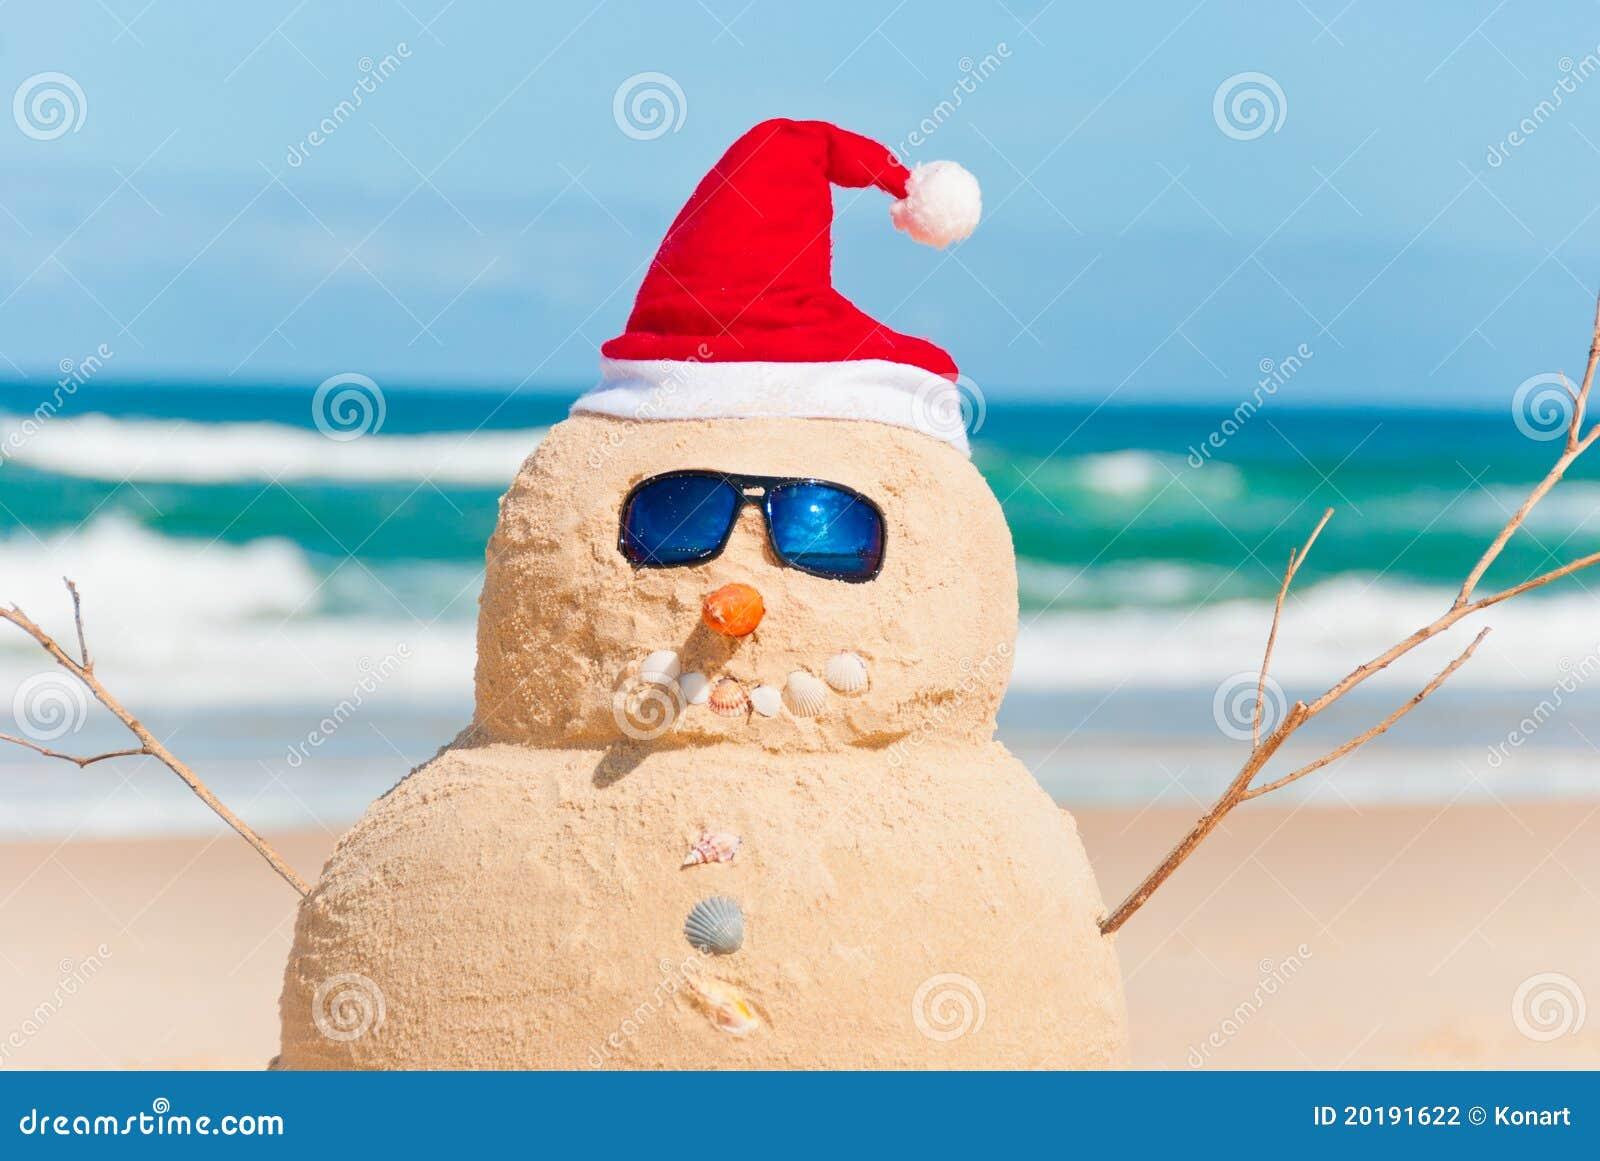 Bonhomme de neige fabriqu partir de le sable avec le - Chapeau bonhomme de neige ...